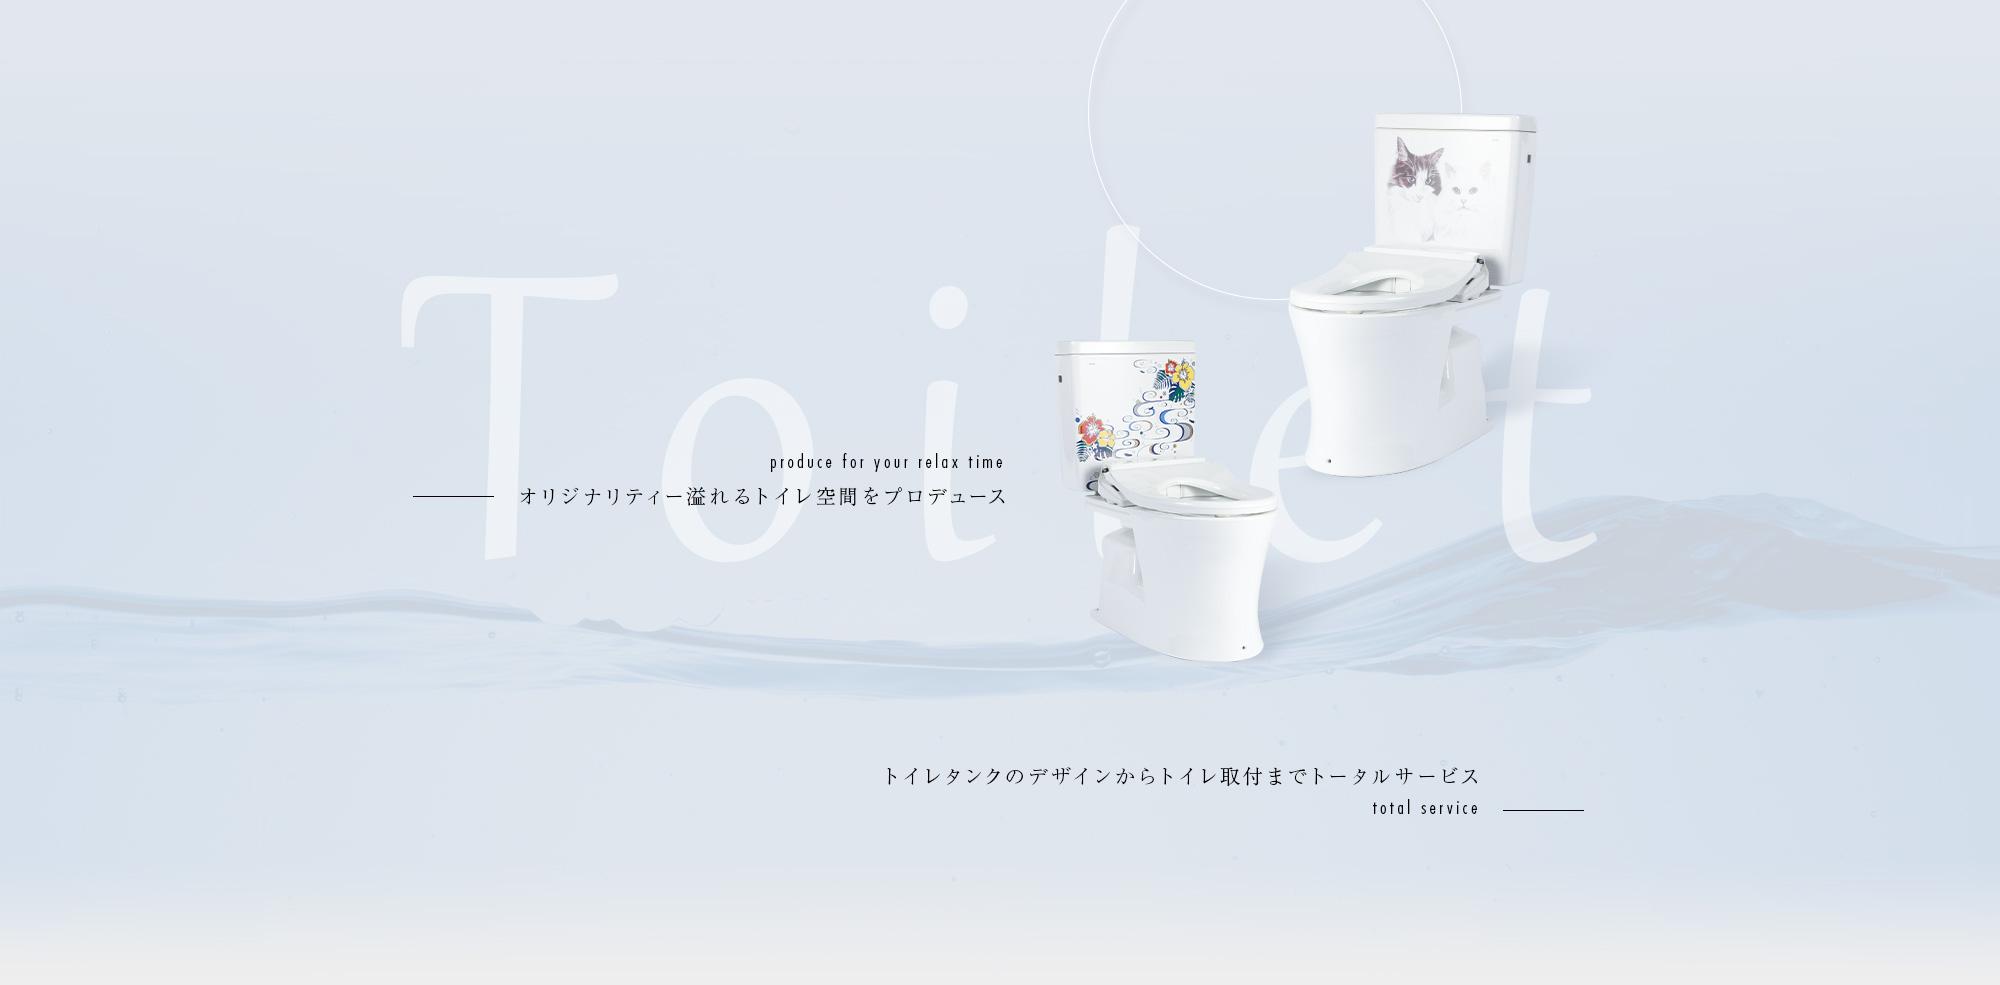 オリジナリティー溢れるトイレ空間をプロデュース トイレタンクのデザインからトイレ取付までトータルサービス